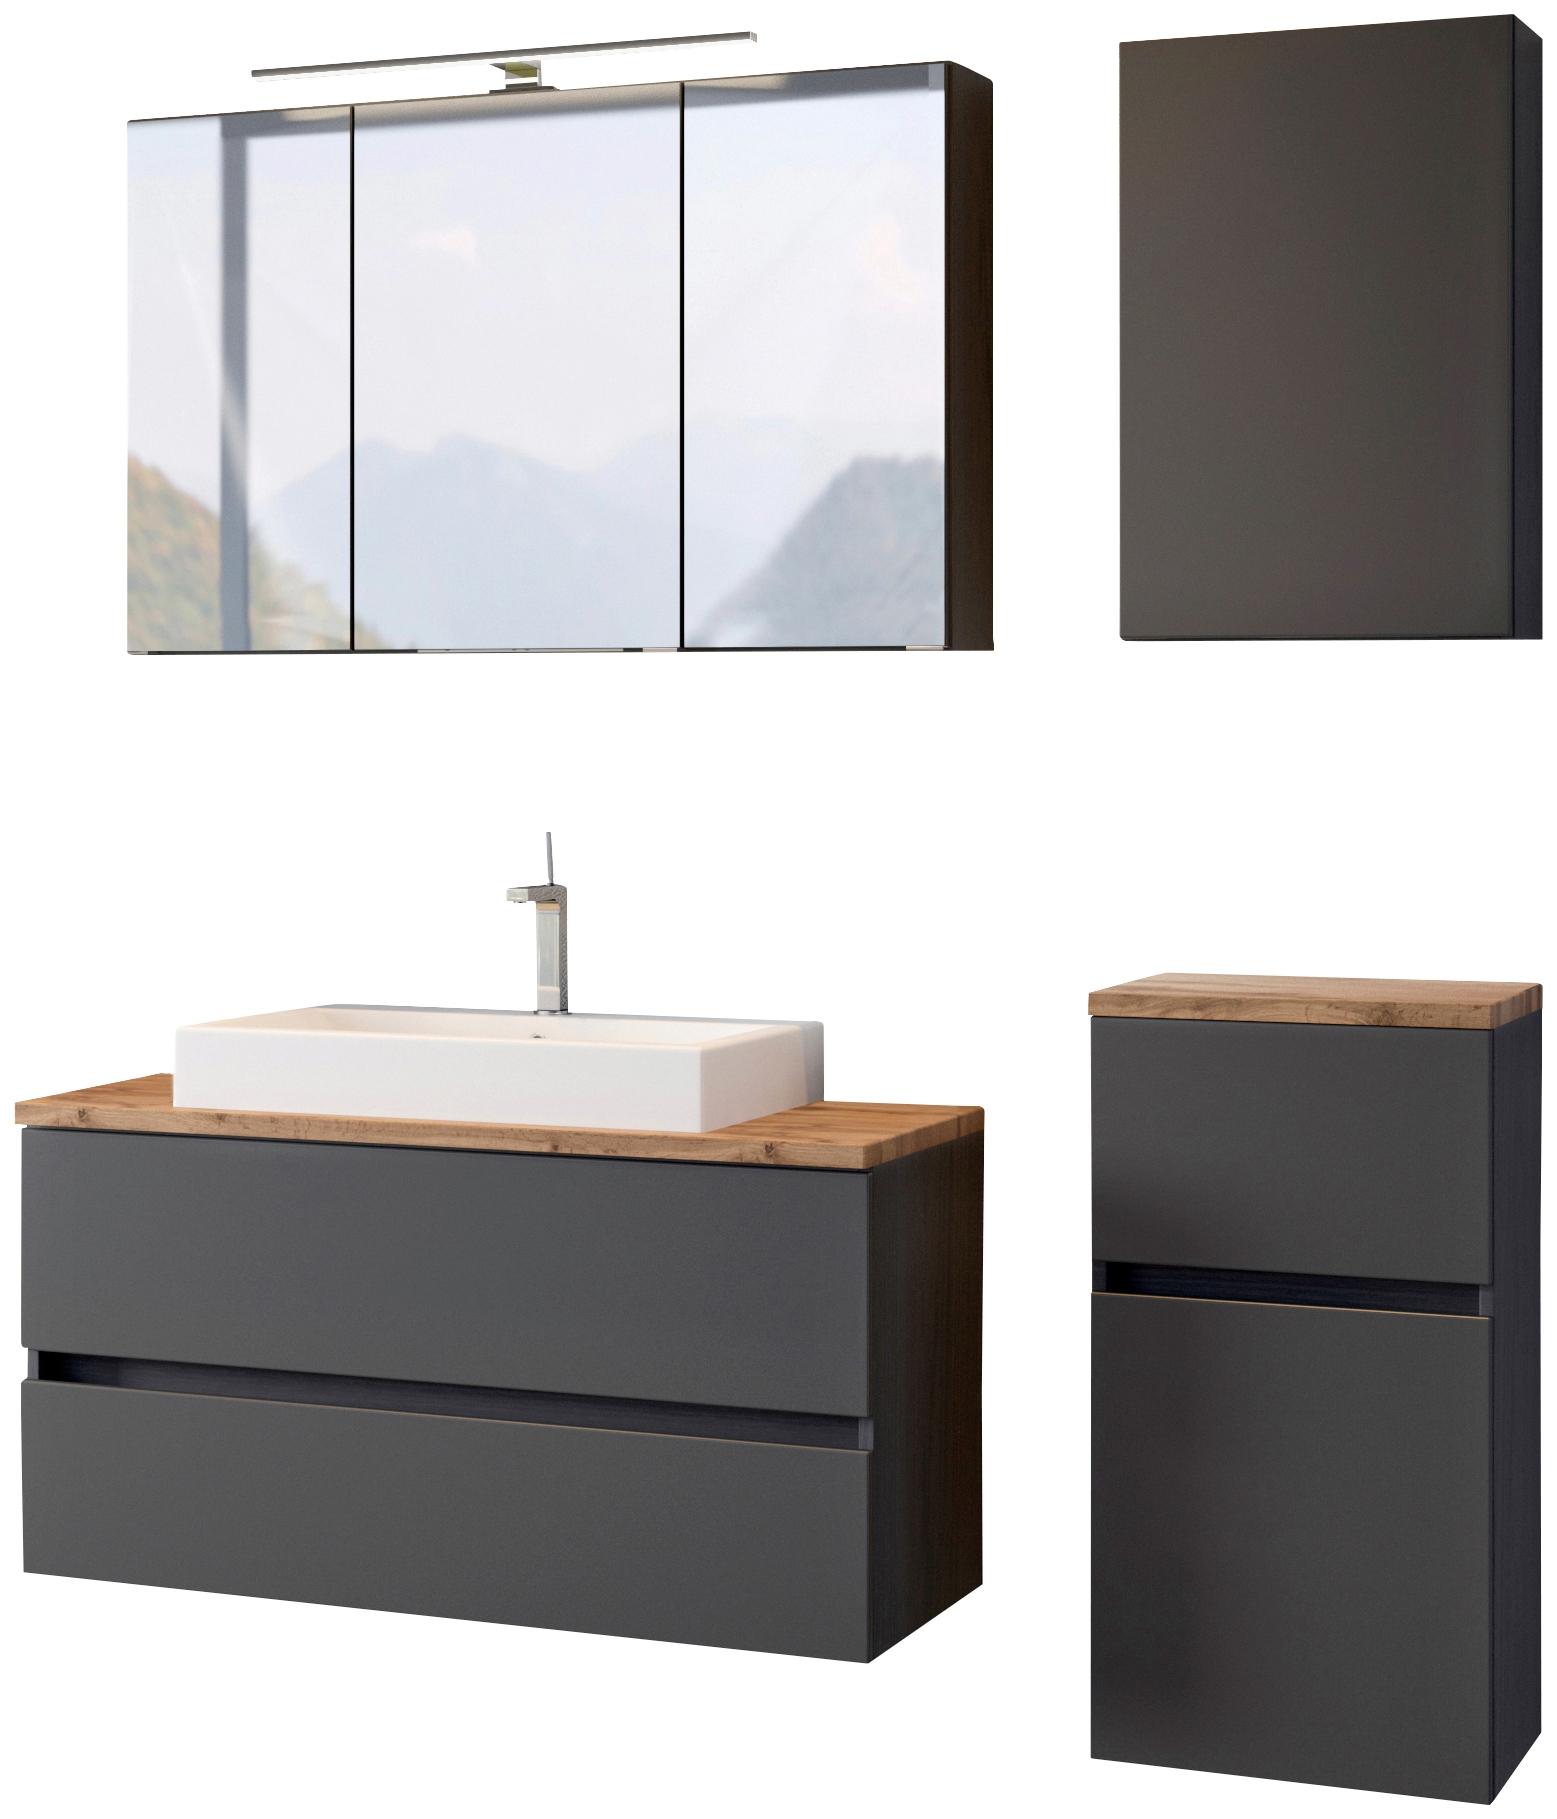 HELD MÖBEL Waschtisch-Set, (4 tlg.), mit Softclose-Funktion grau Waschtische Badmöbel Waschtisch-Set